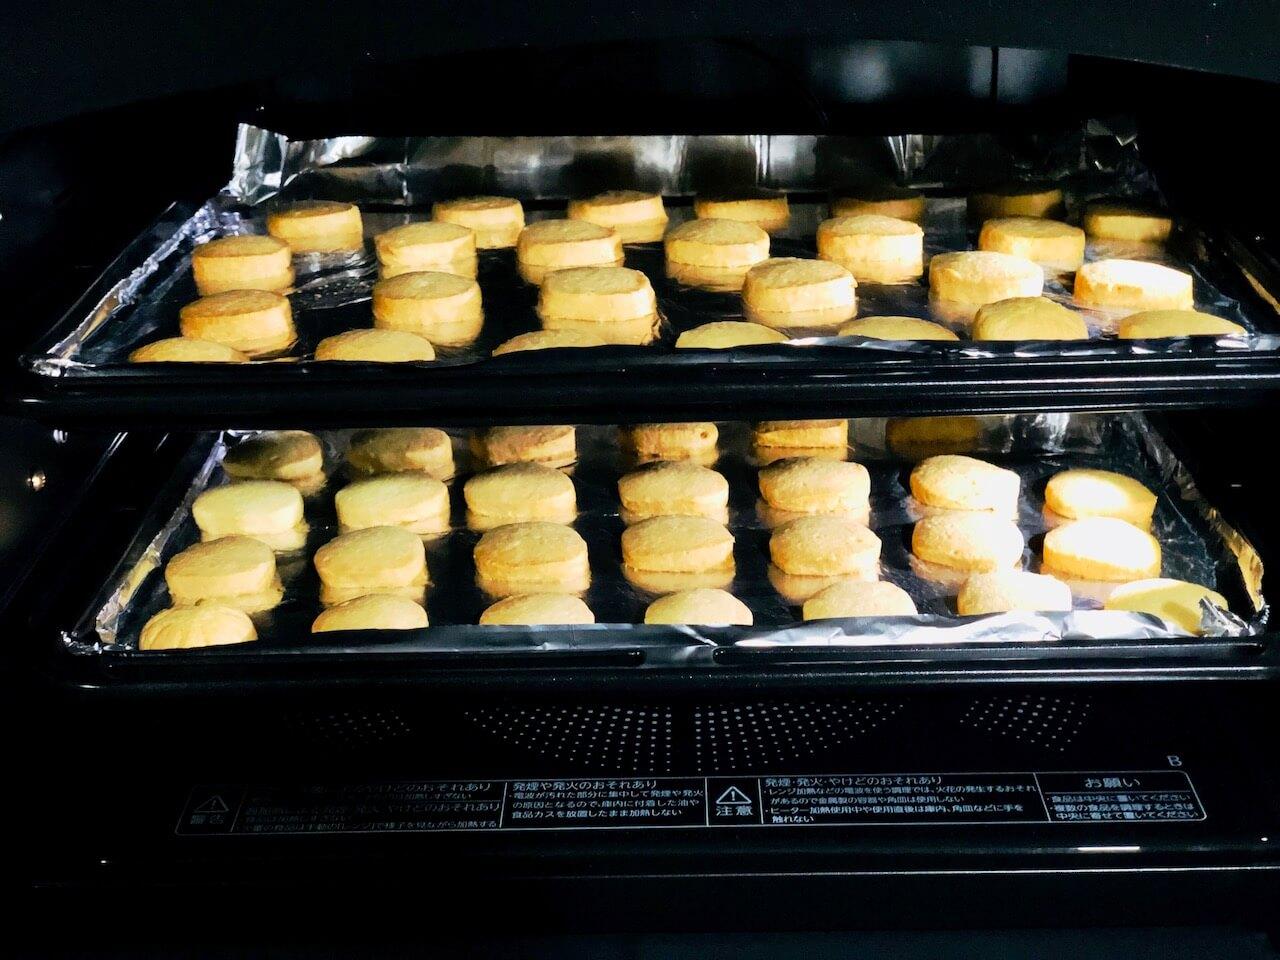 石窯ドーム ER-TD3000のオーブンで焼いたクッキー